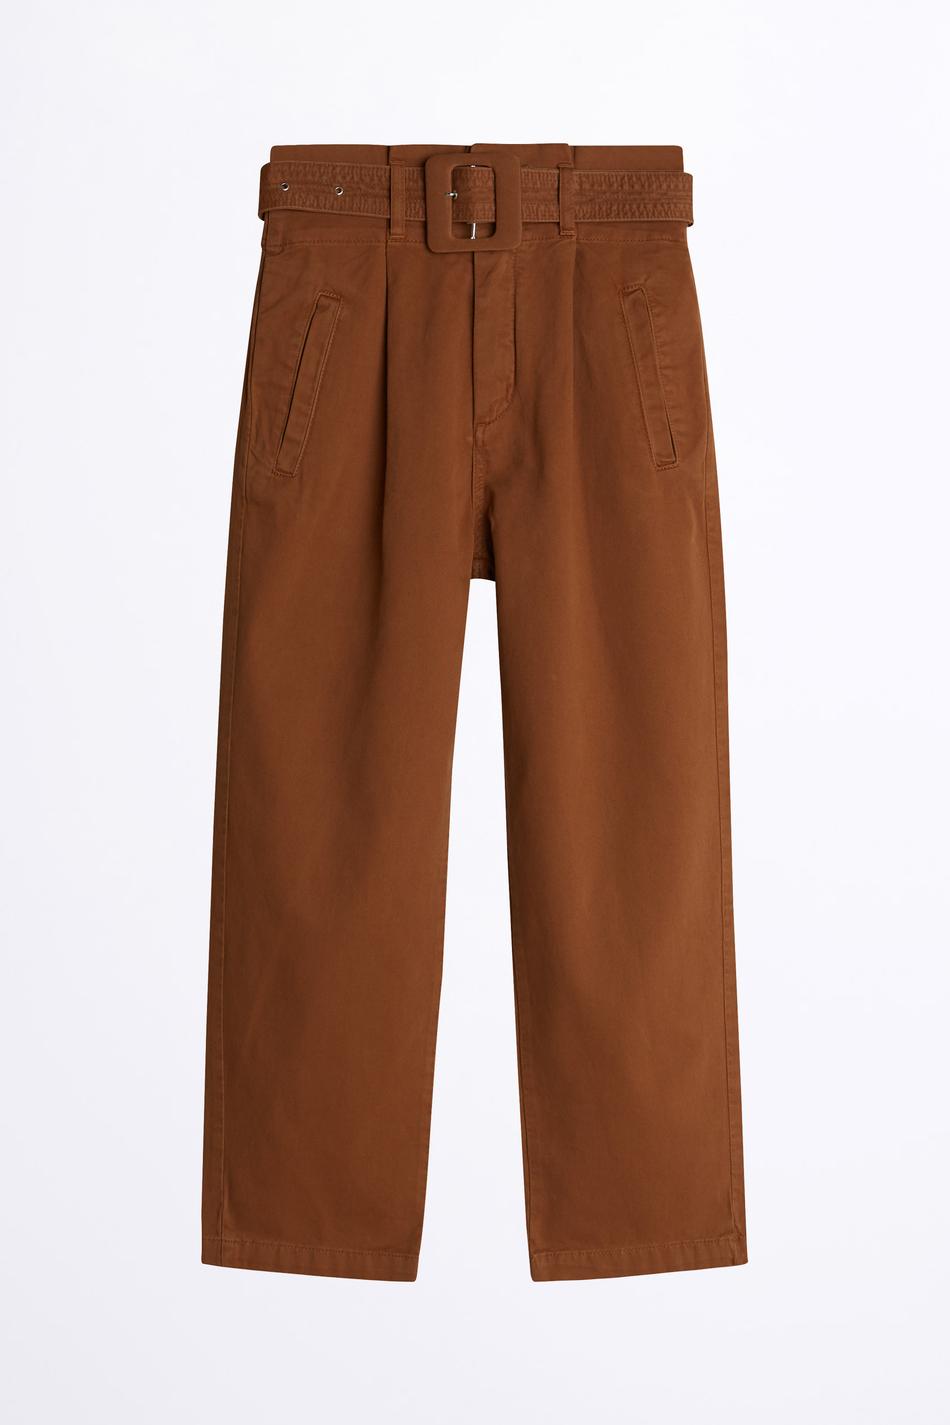 Paperbag twill jeans 274.50 DKK, Bukser Tøj og mode online